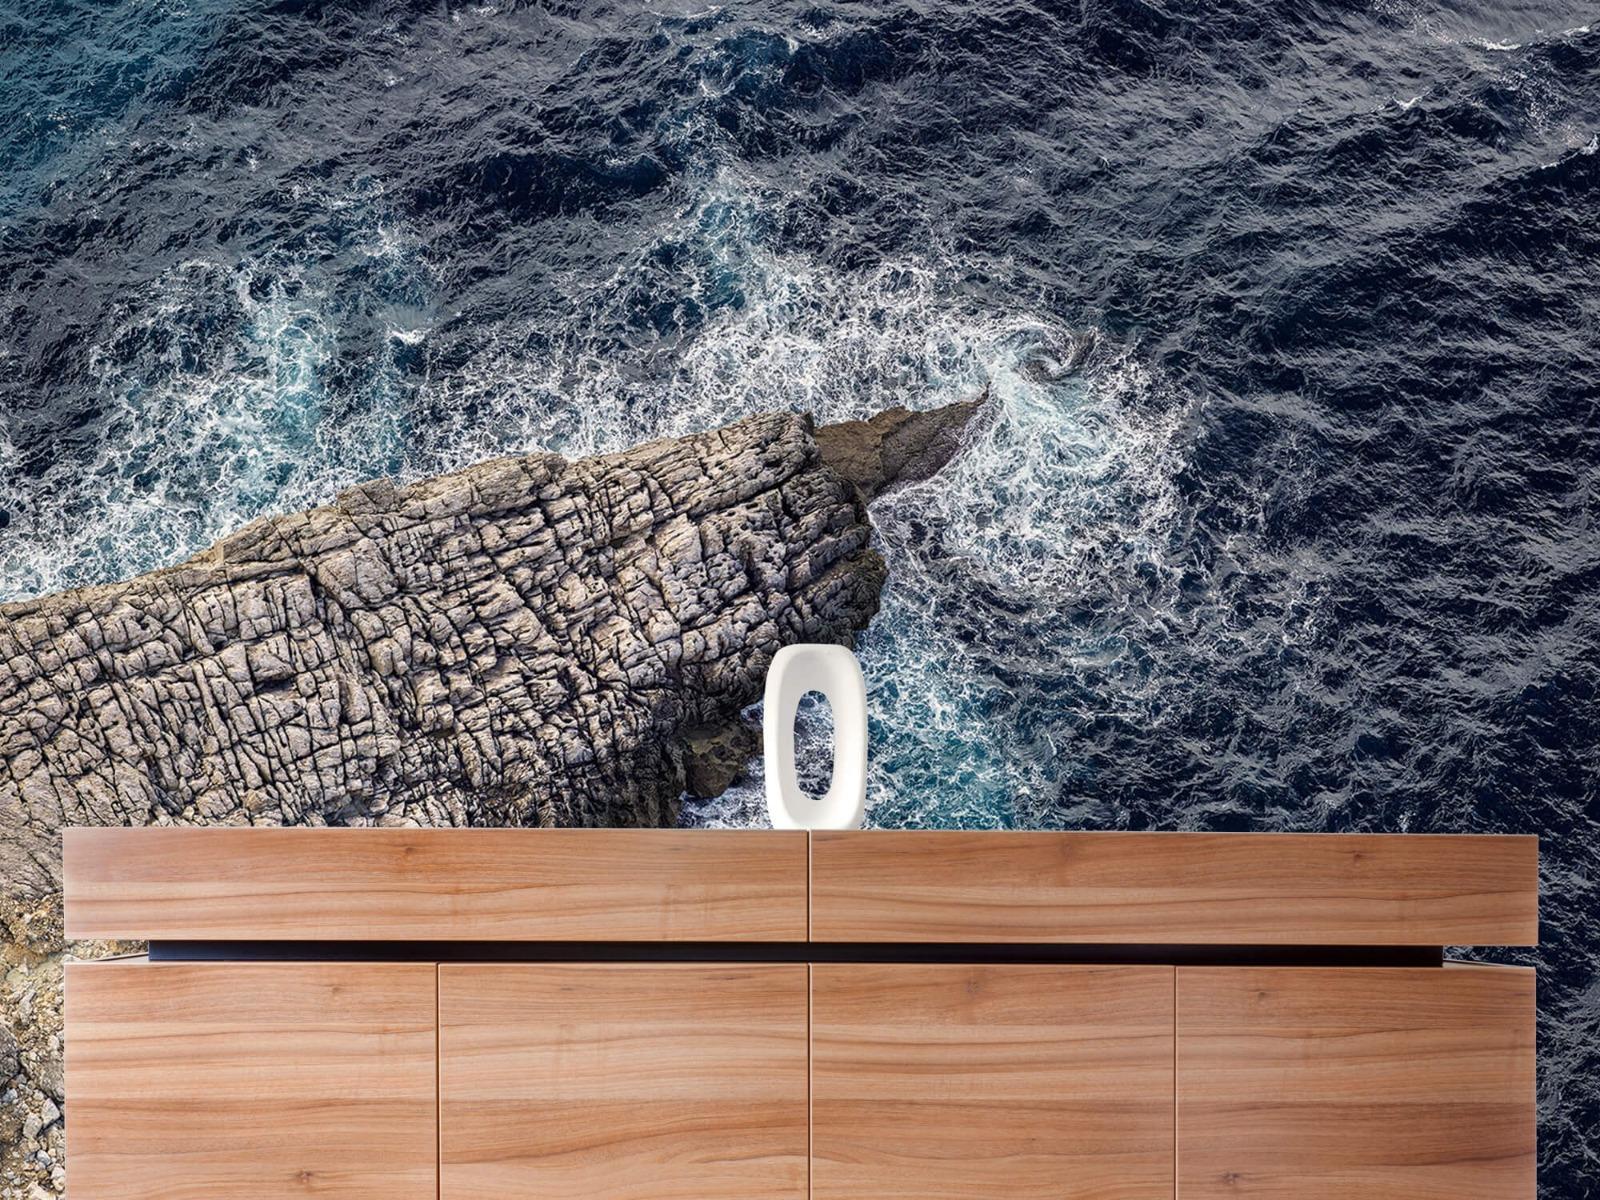 Zeeën en Oceanen - Rotspunt aan de kust - Slaapkamer 20